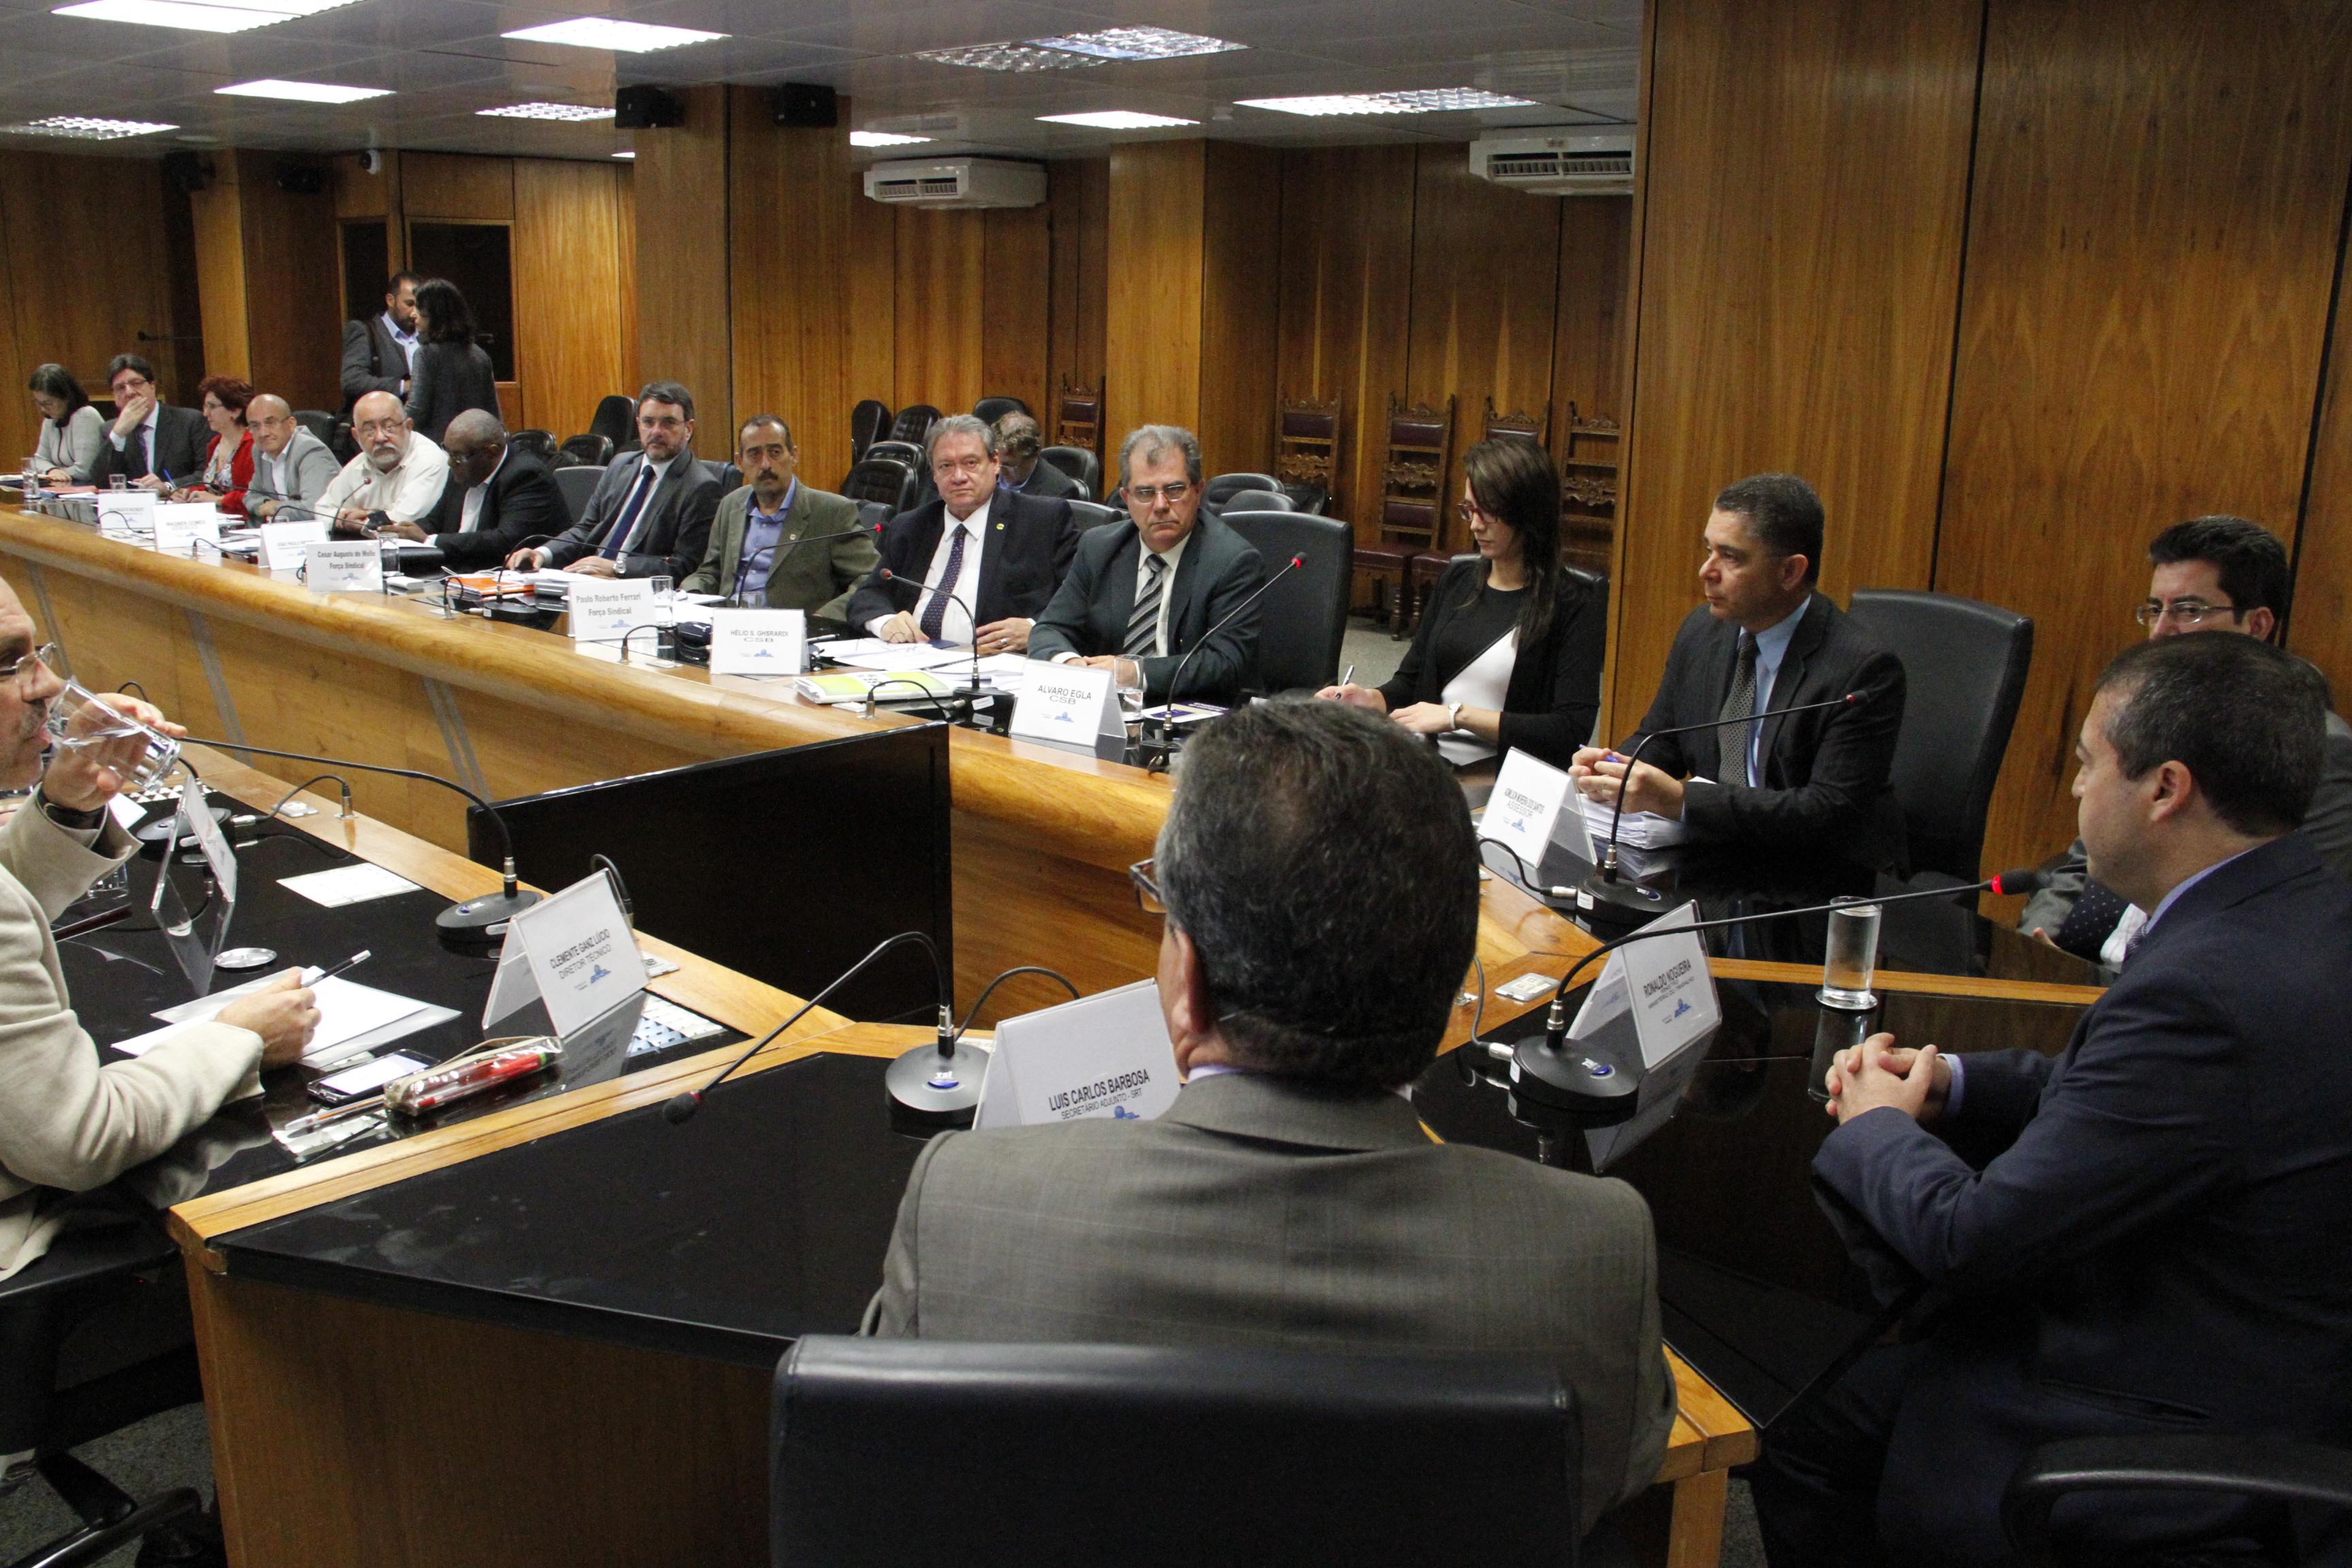 Centrais pedem apoio ao ministro do Trabalho para adiar votação do projeto de lei da terceirização